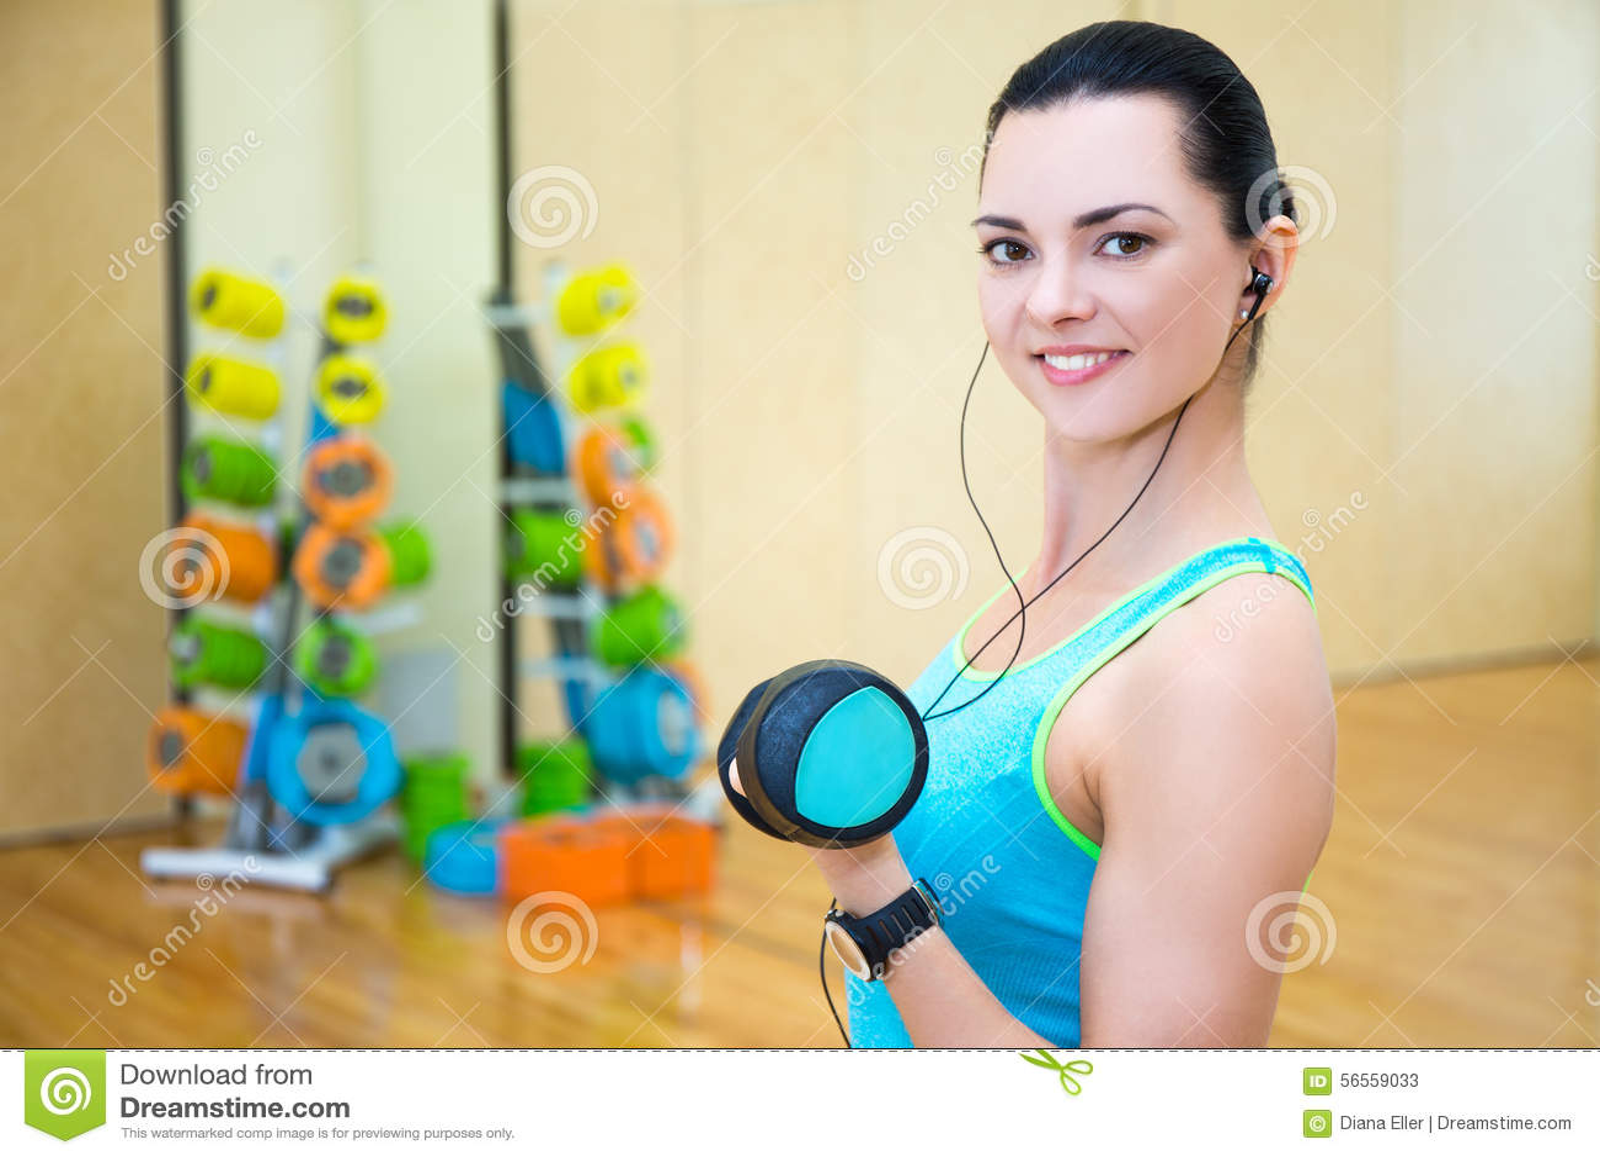 Download Όμορφες φίλαθλες επίλυση γυναικών και μουσική ακούσματος στη γυμναστική Στοκ Εικόνα - εικόνα από απώλεια, γυμναστική: 56559033